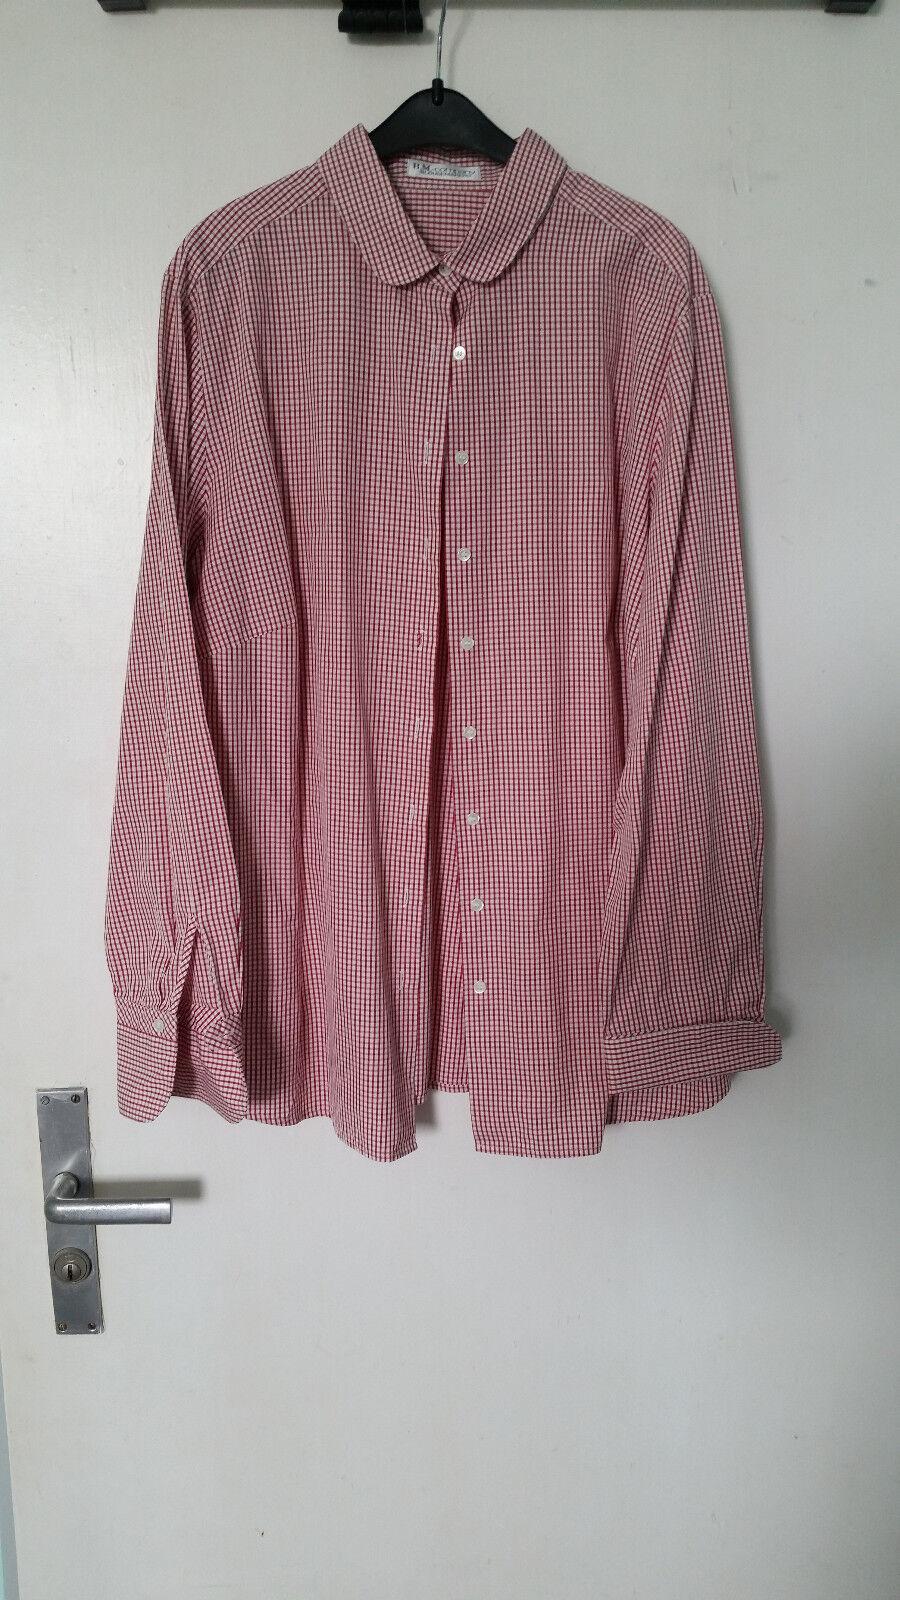 B.M.-Company Damen Blause Hemd l Größe 44 l Rosarot-weiß l kariert l Blousemakers